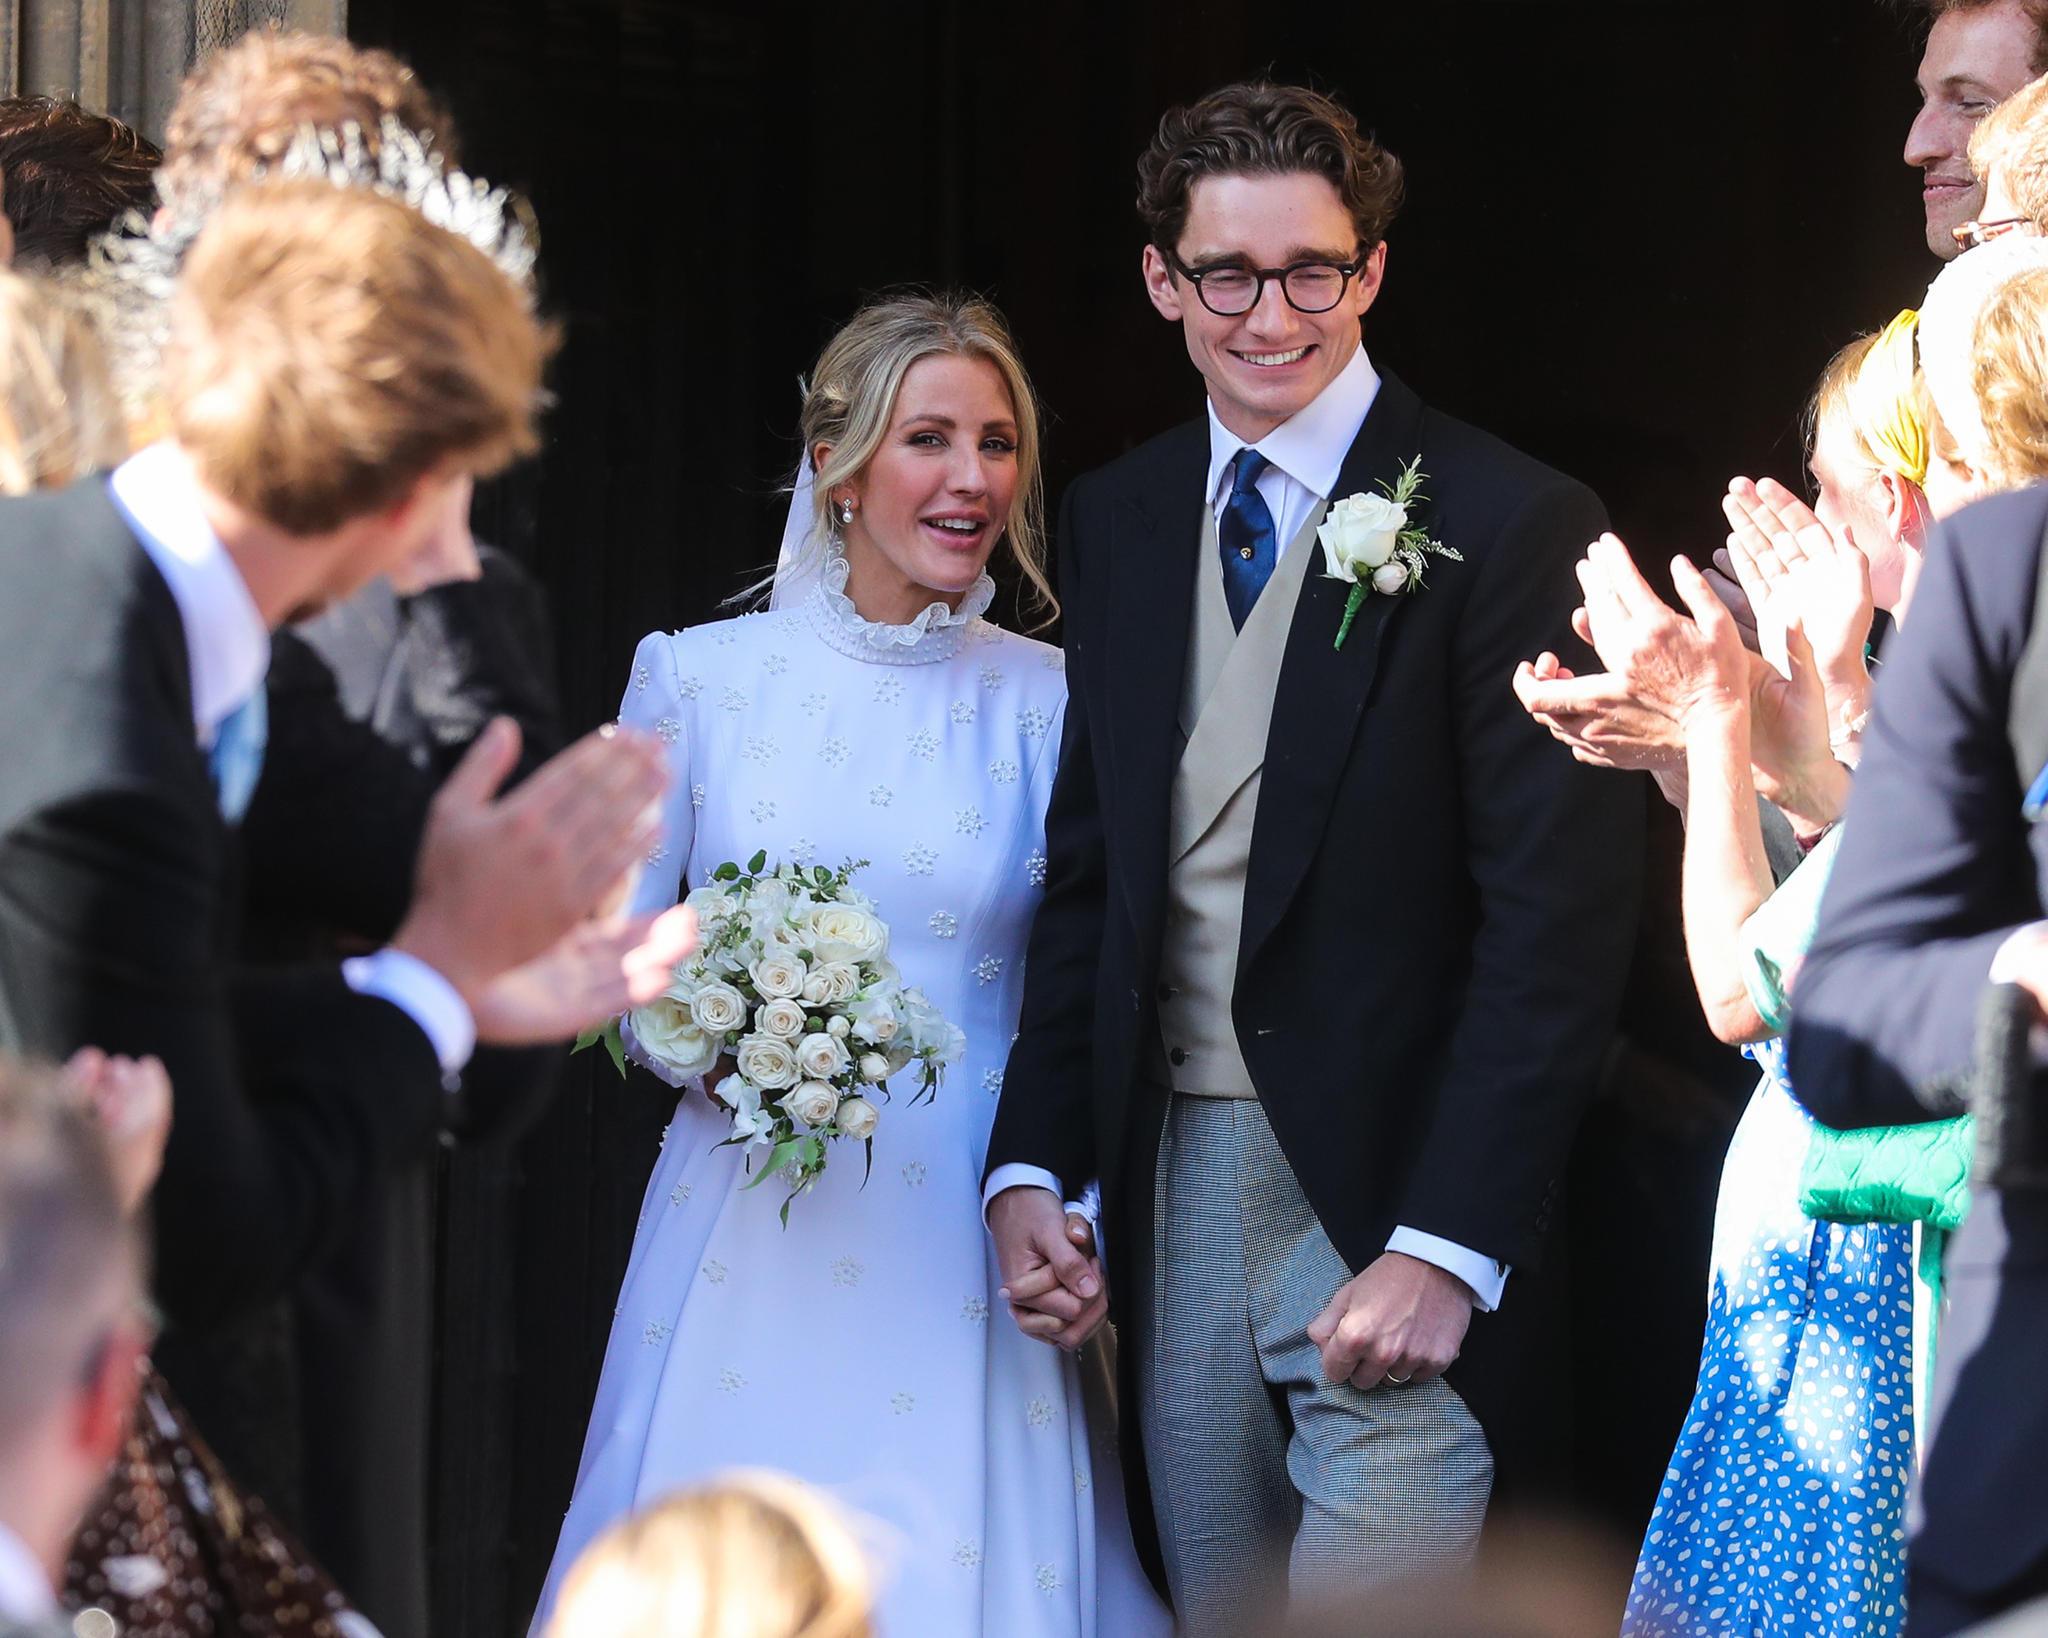 Brautkleider der Stars: So schön heirateten die Promis!